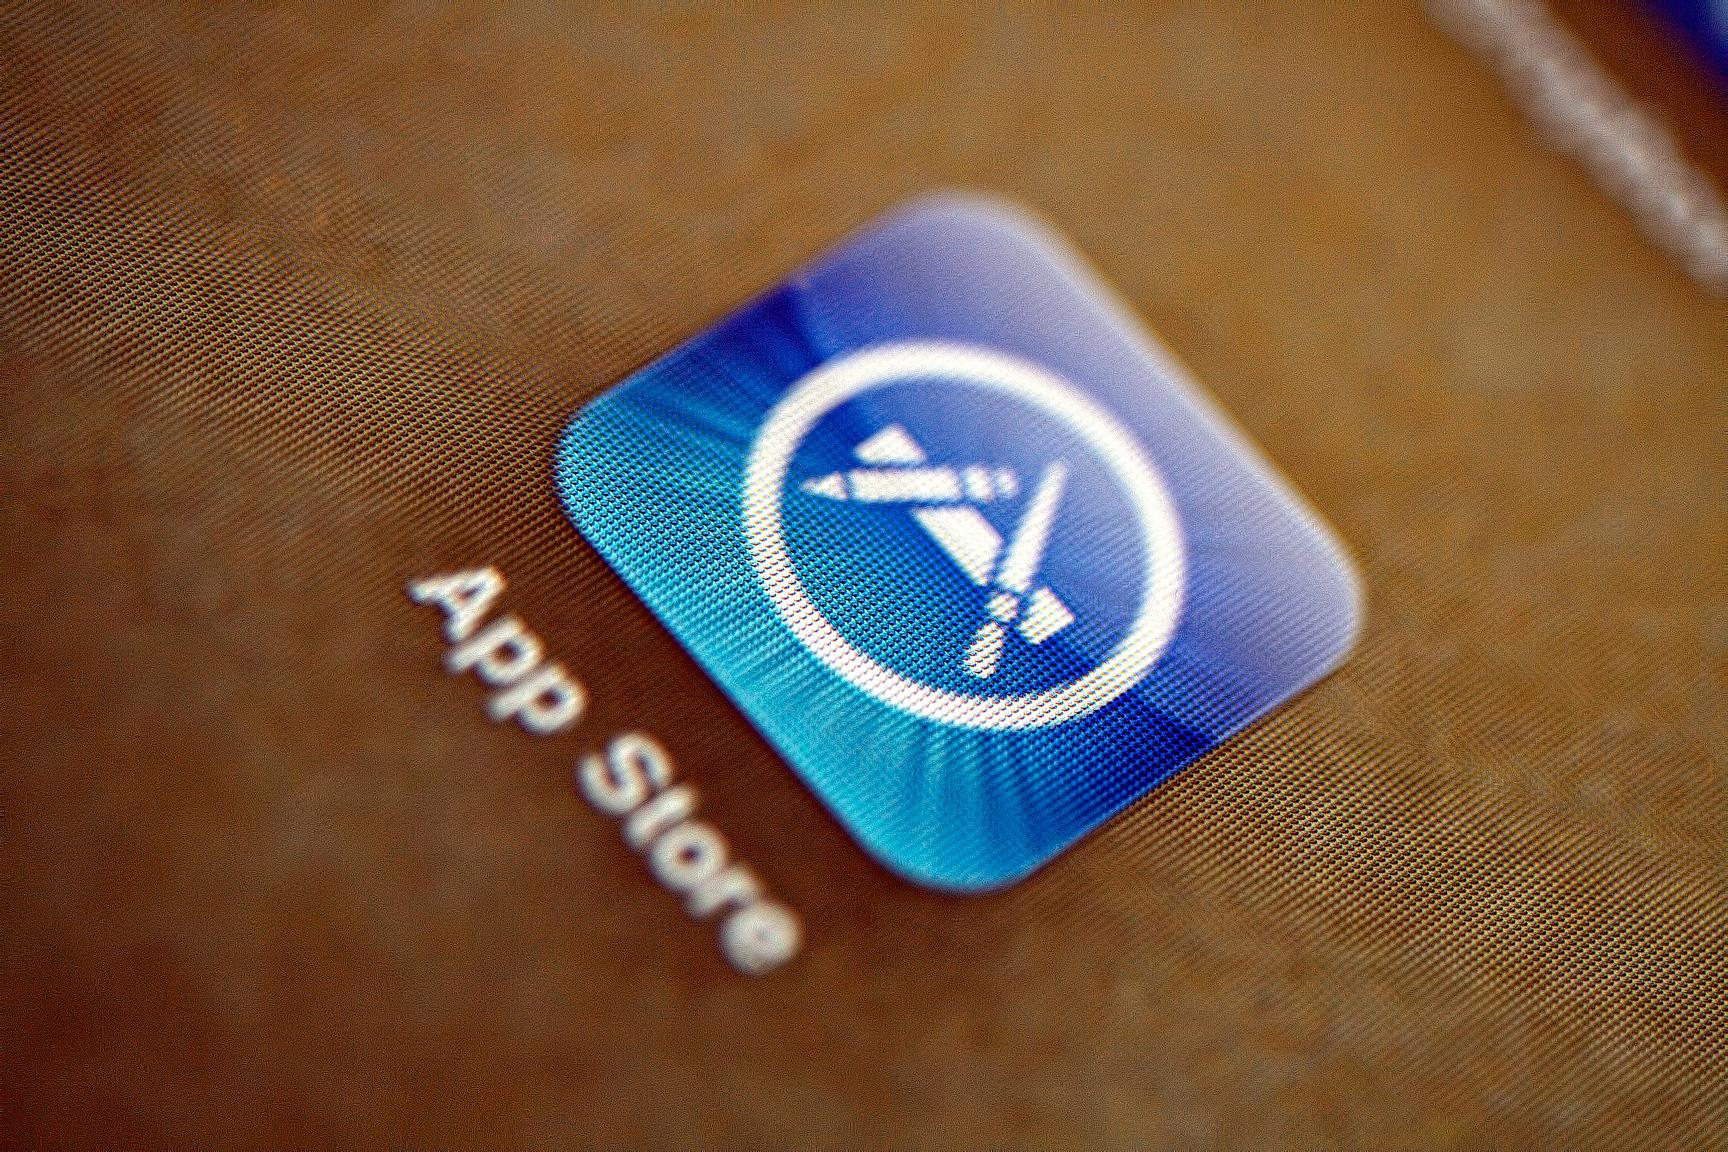 14_09_17 App Store flickr